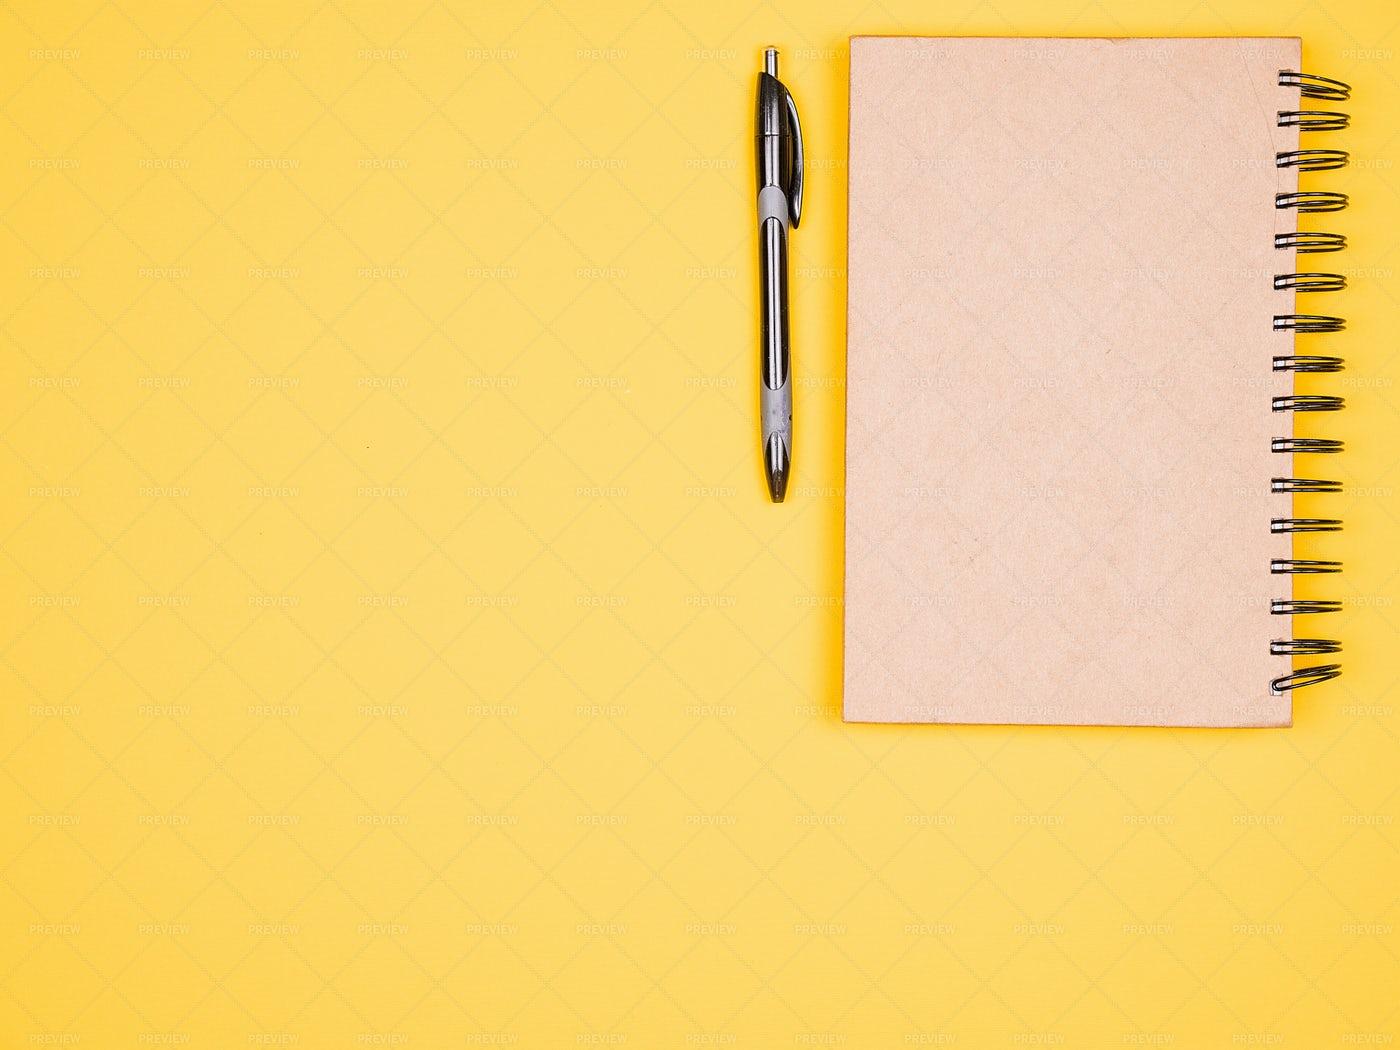 Paper Notebook Next To A Pen: Stock Photos